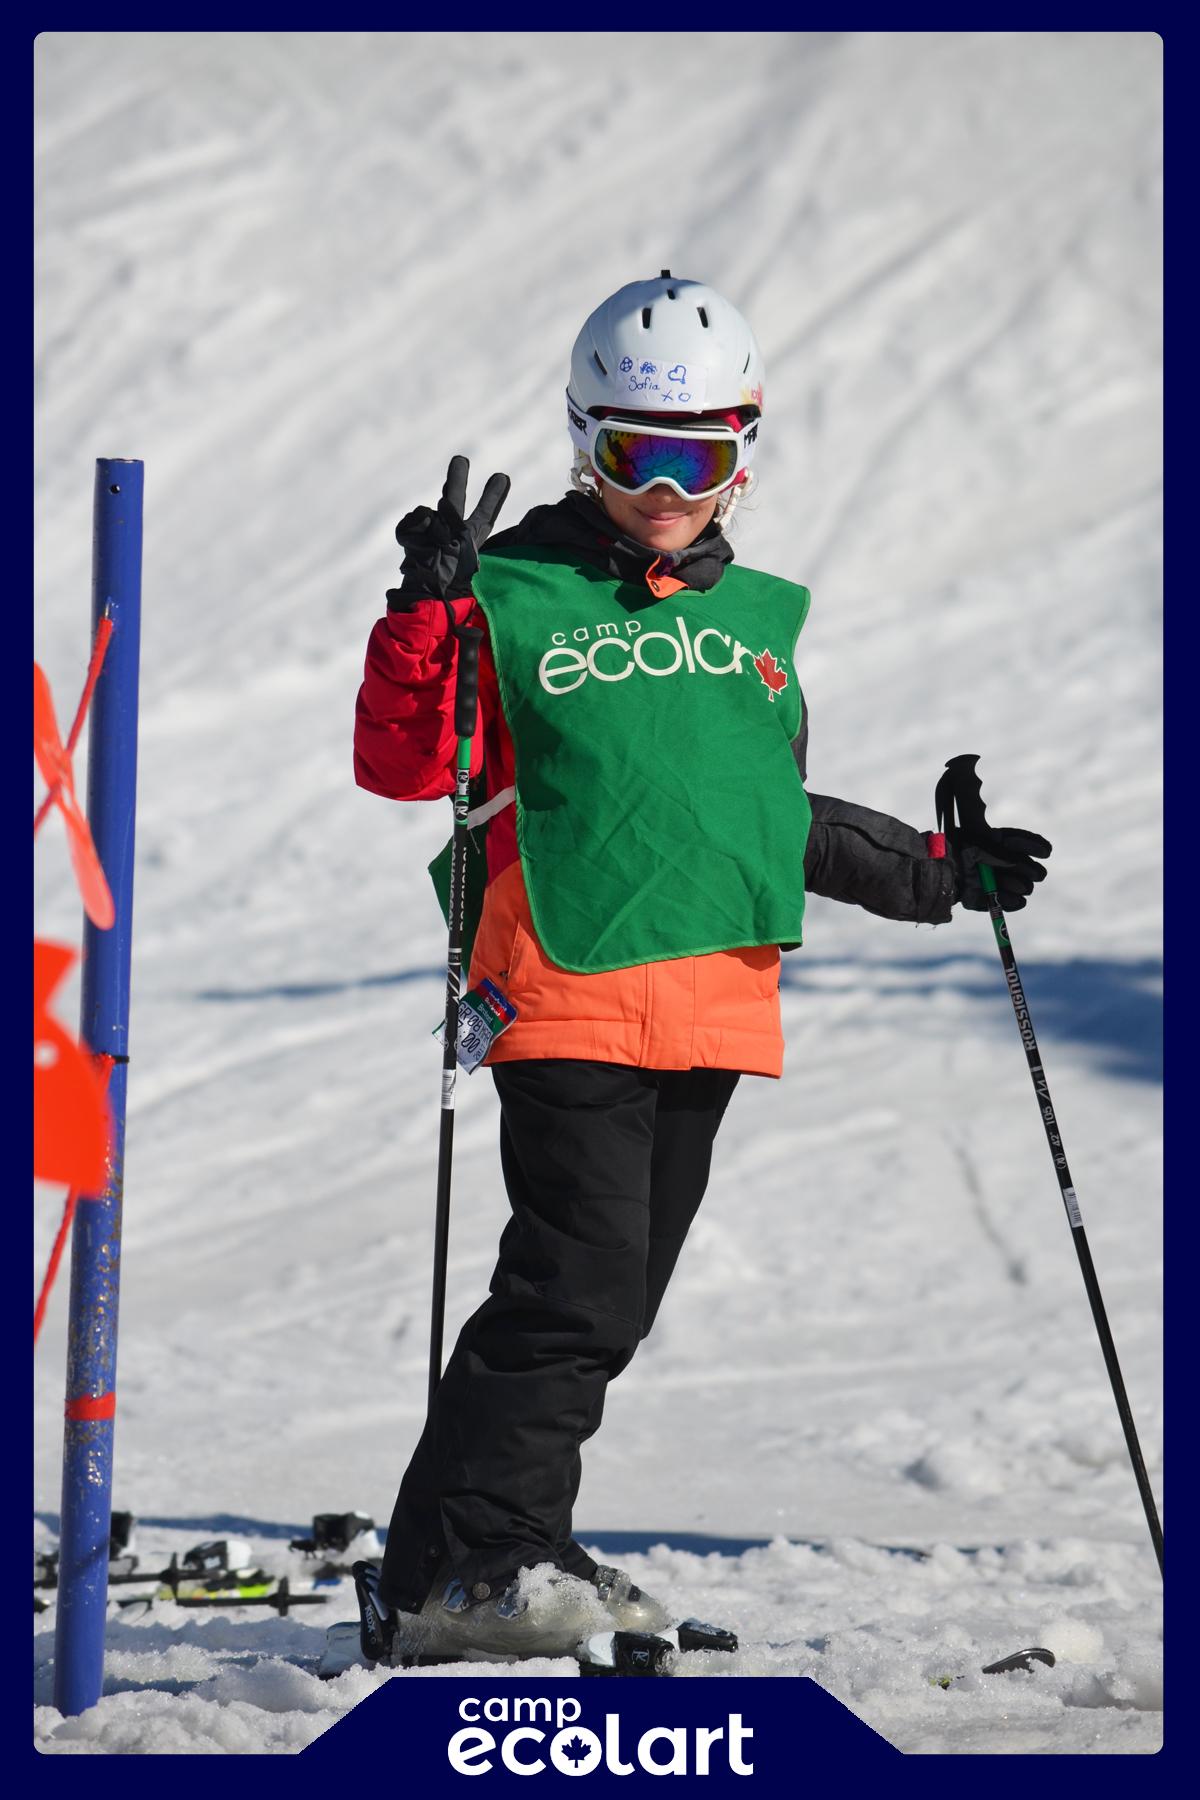 camp ecolart ski camp